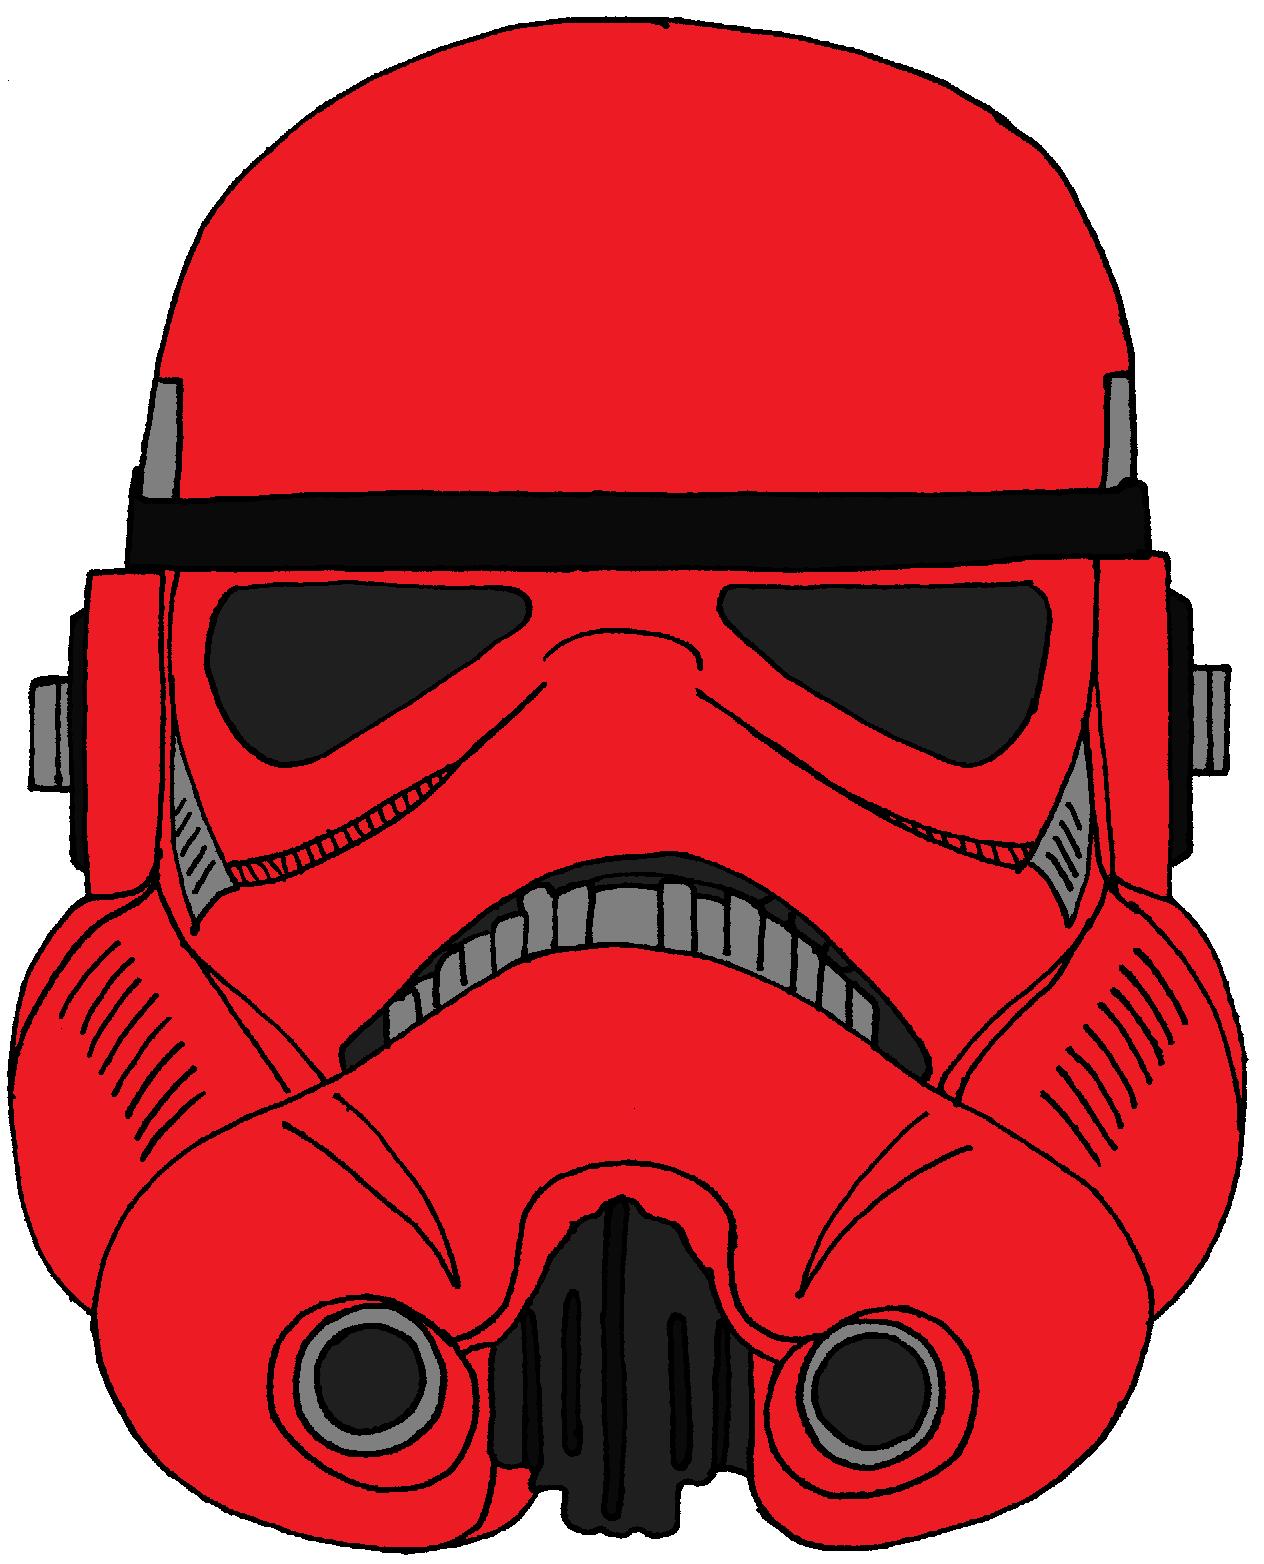 Stormtrooper Royal Guard Helmet Clone trooper helmet